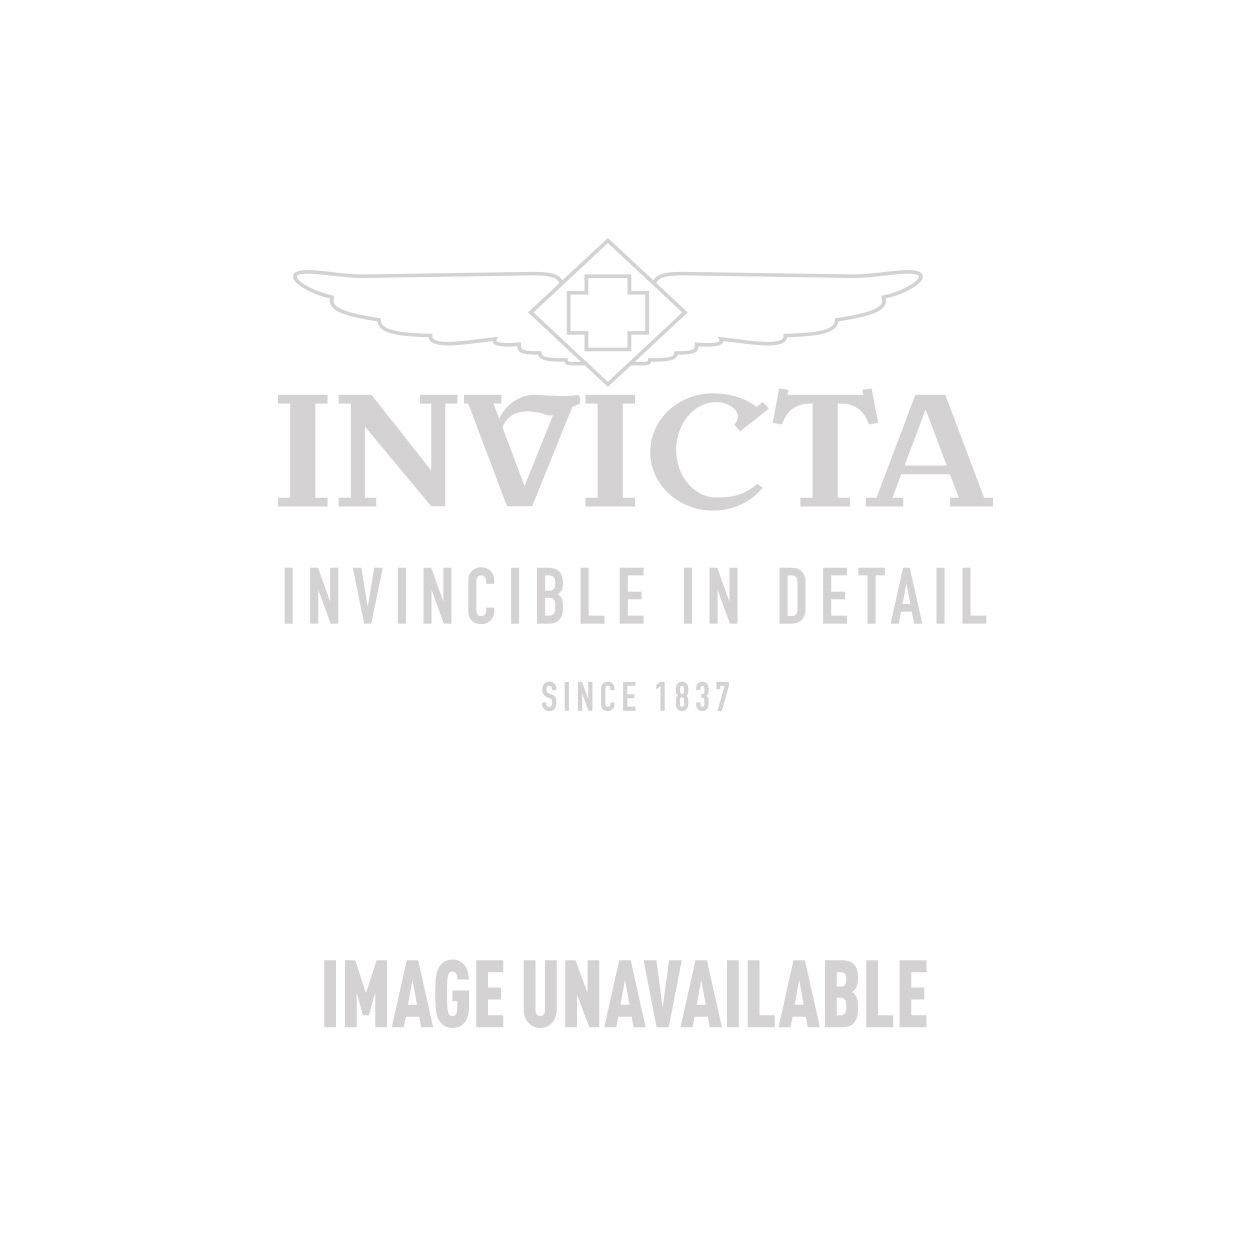 Invicta Model 25455